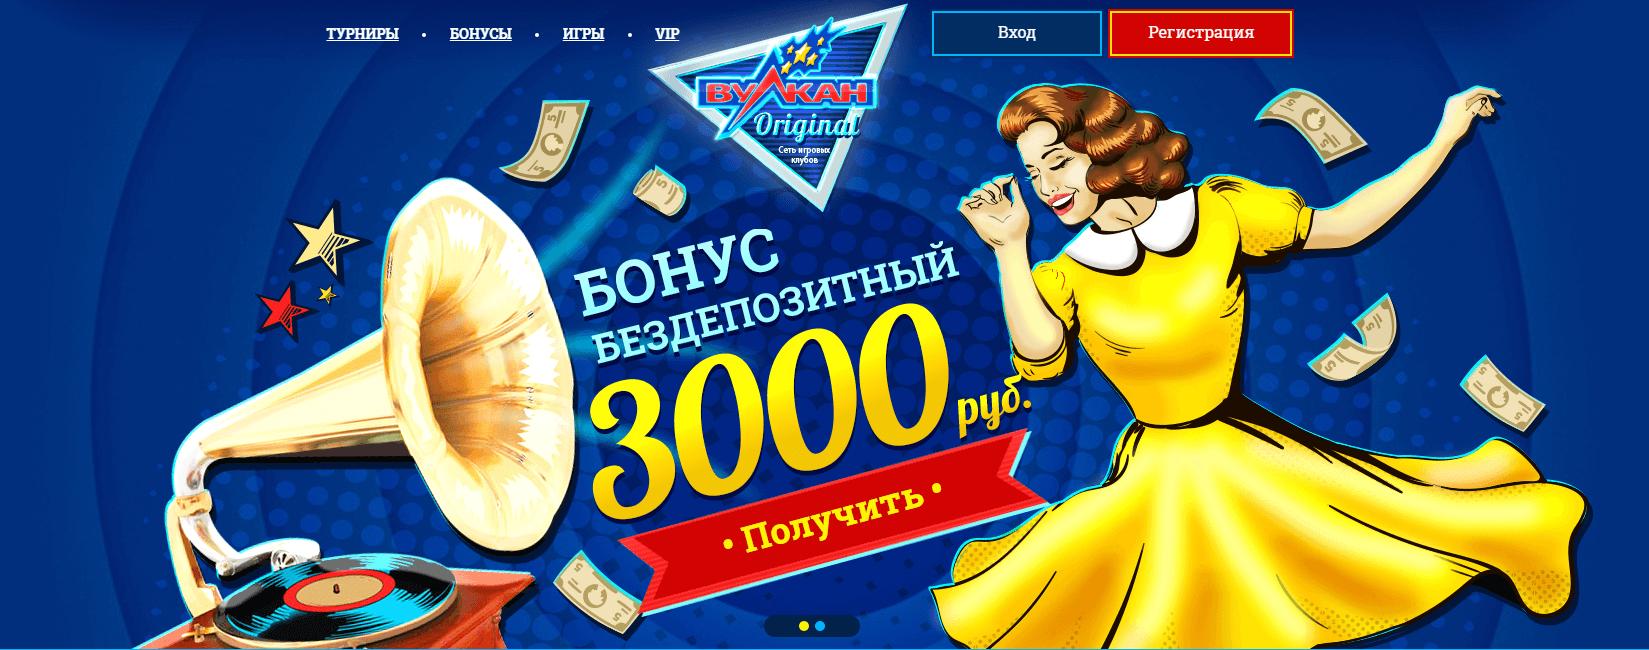 бонус за регистрацию без депозита в казино вулкан оригинал